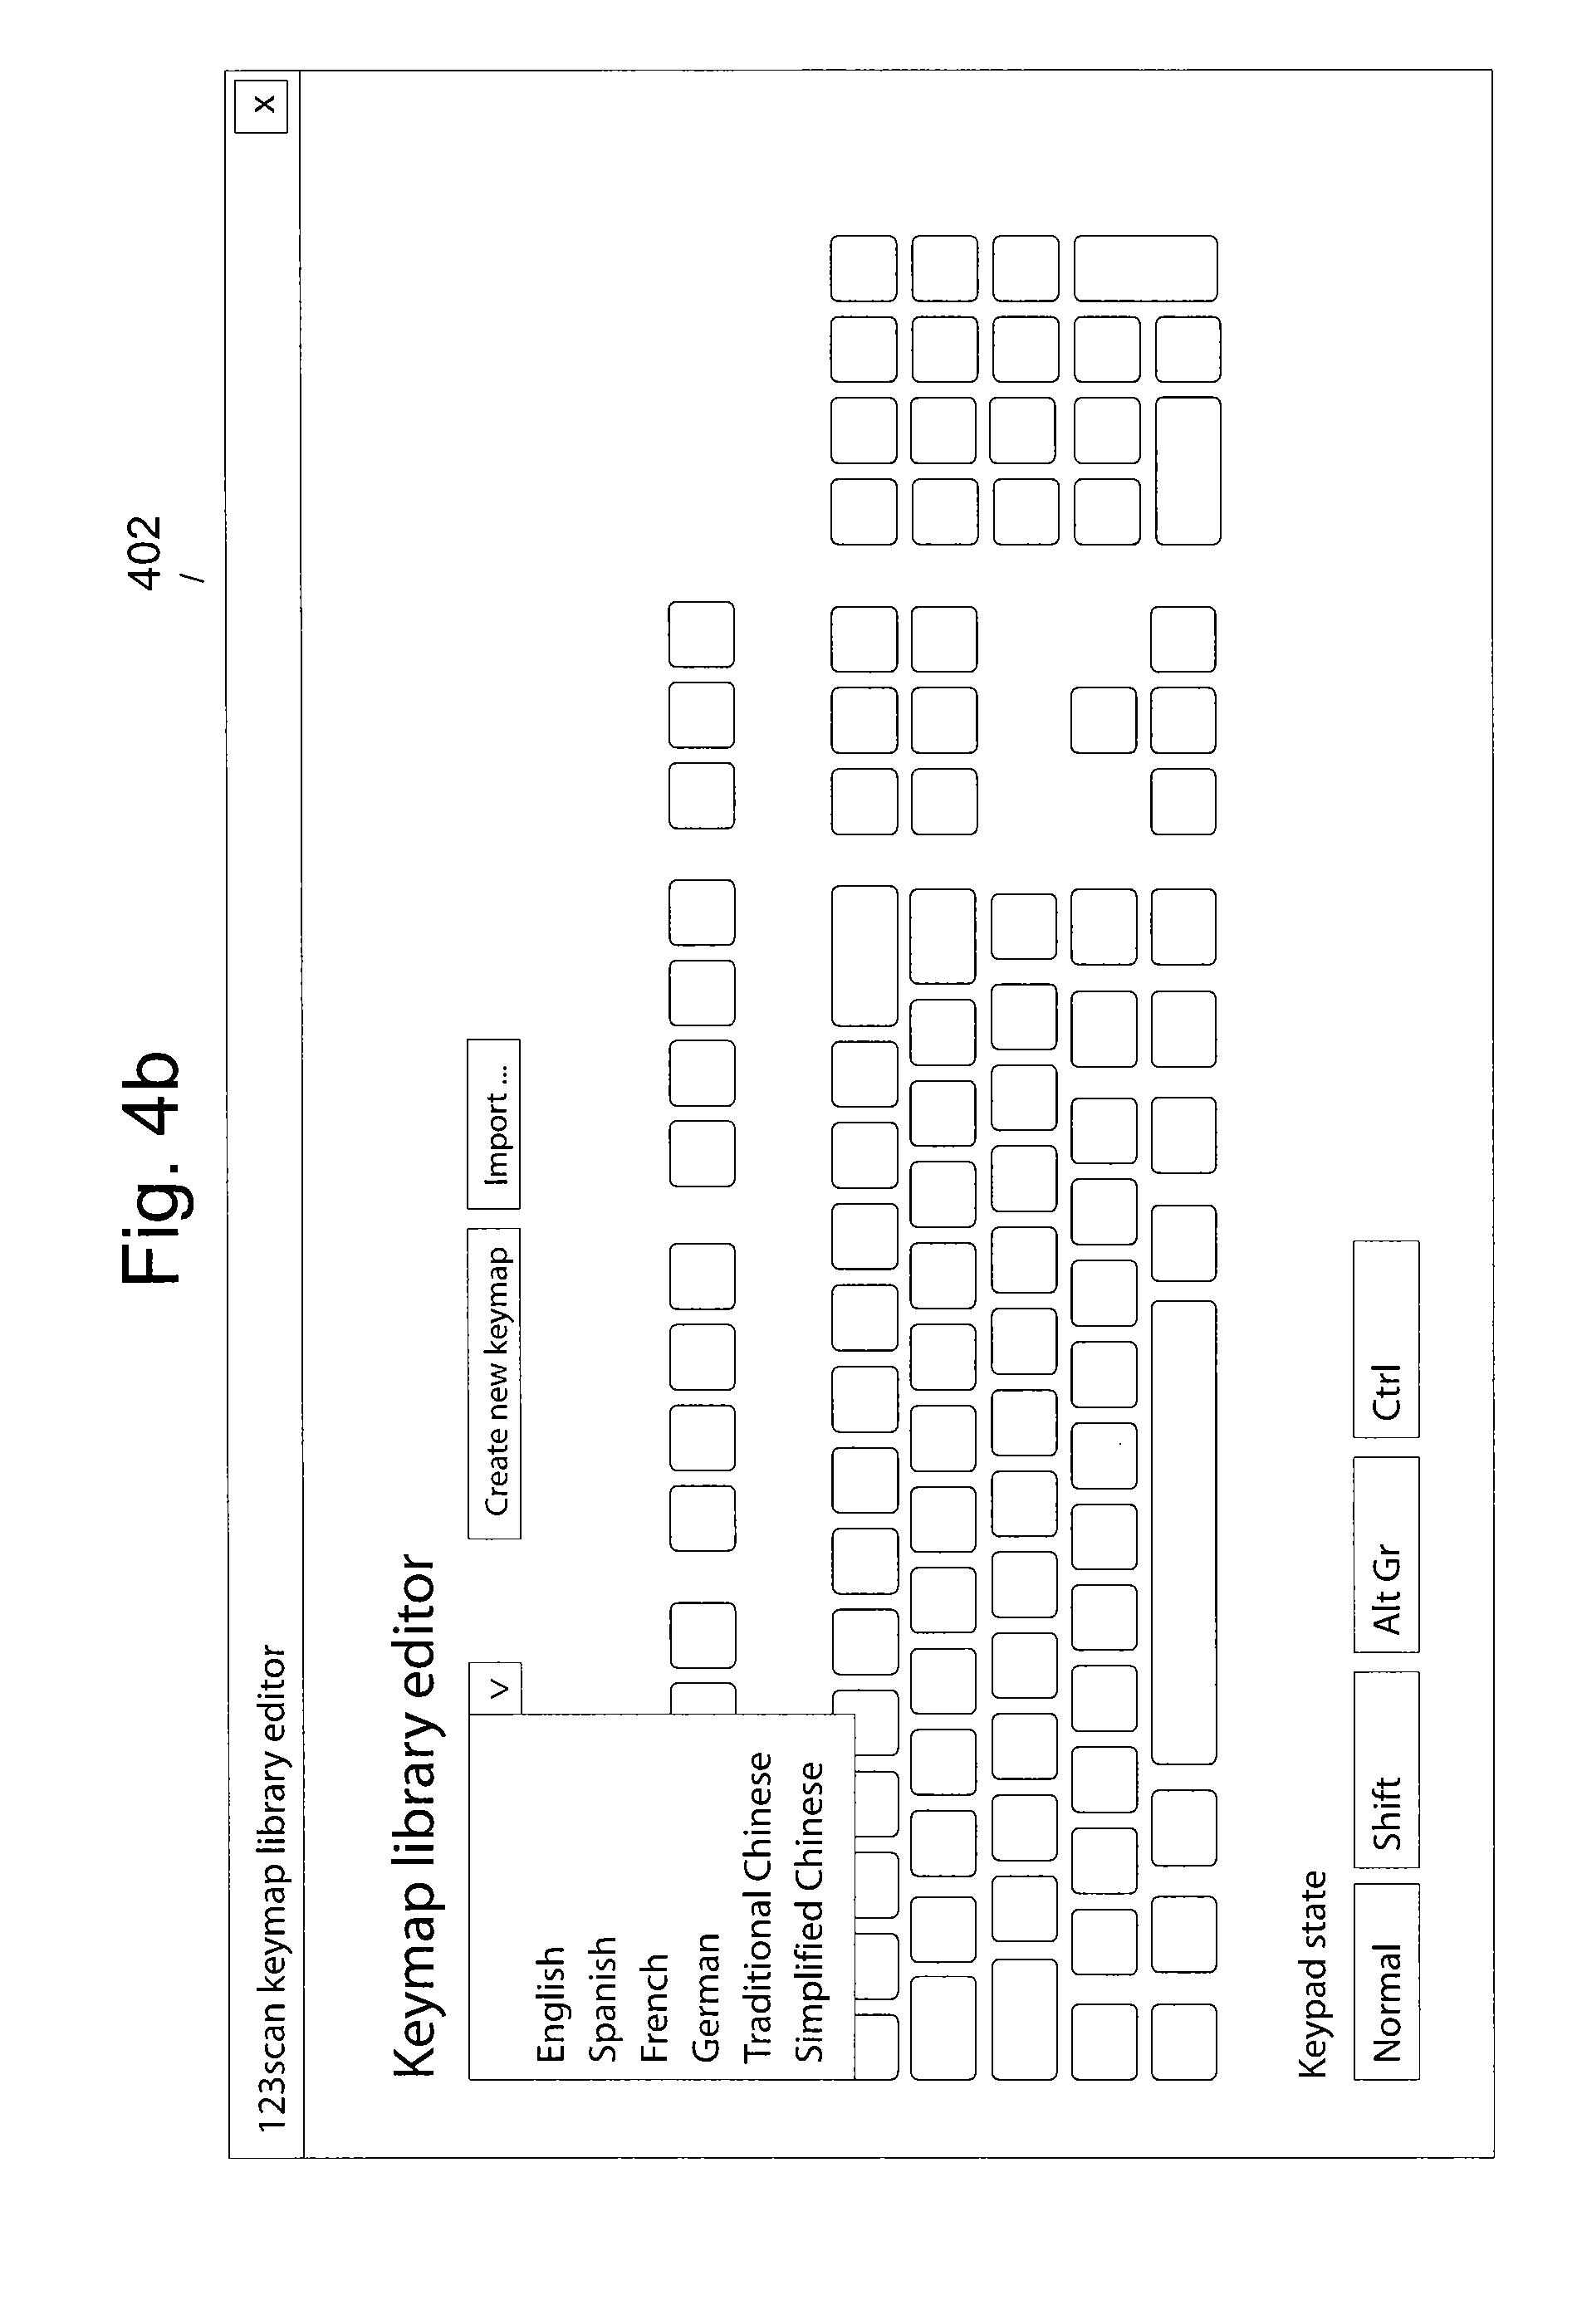 براءة الاختراع US20080165035 - Method and System for